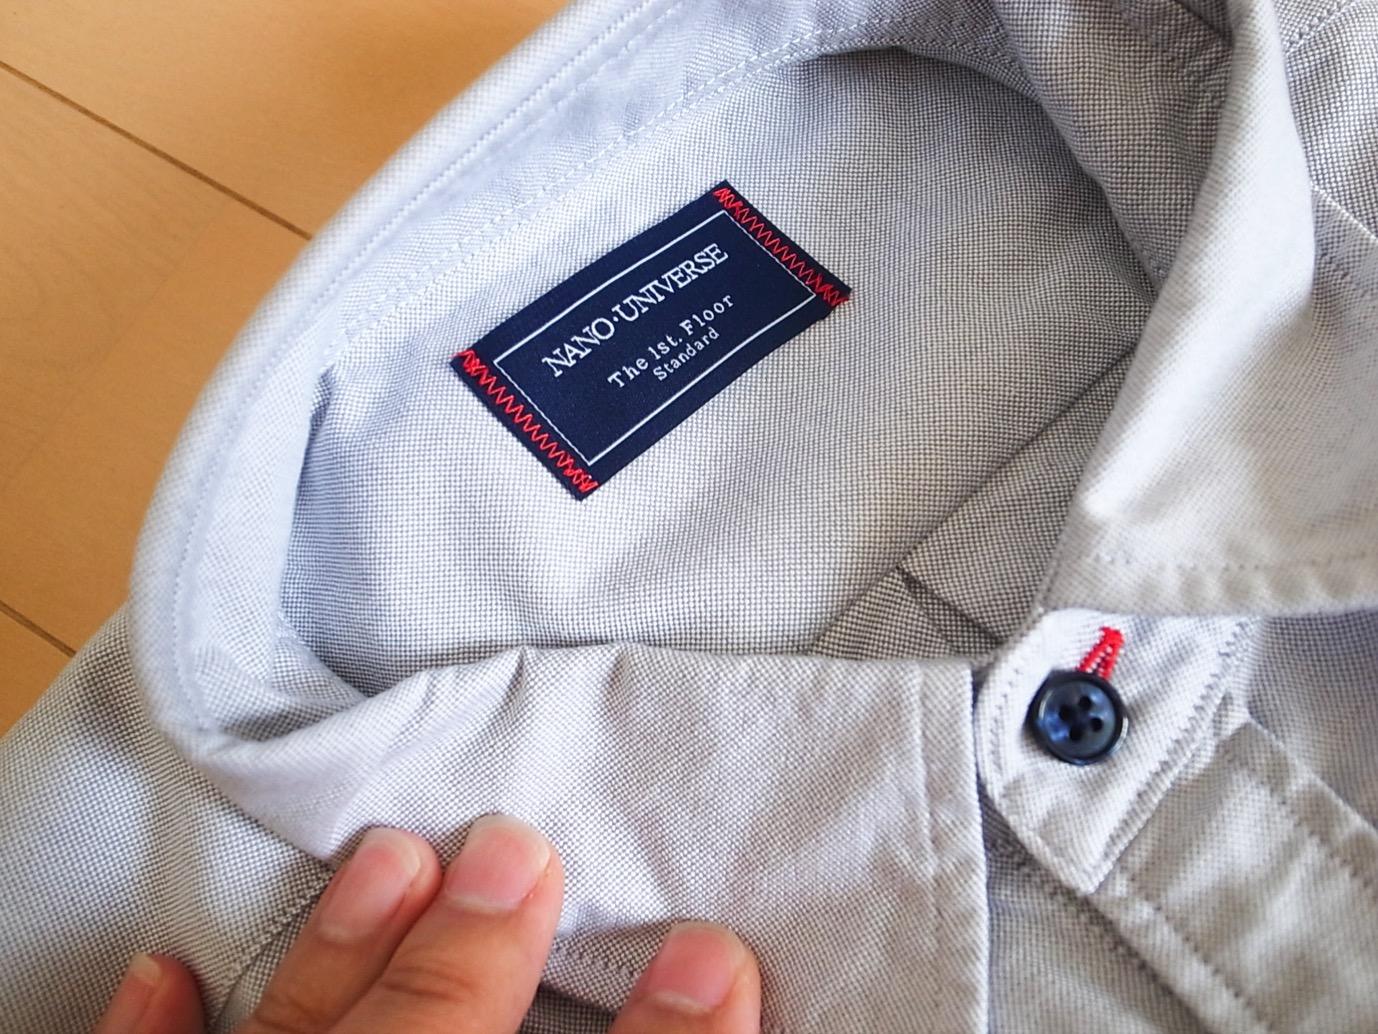 Nanouniverse pk shirt 7s 4